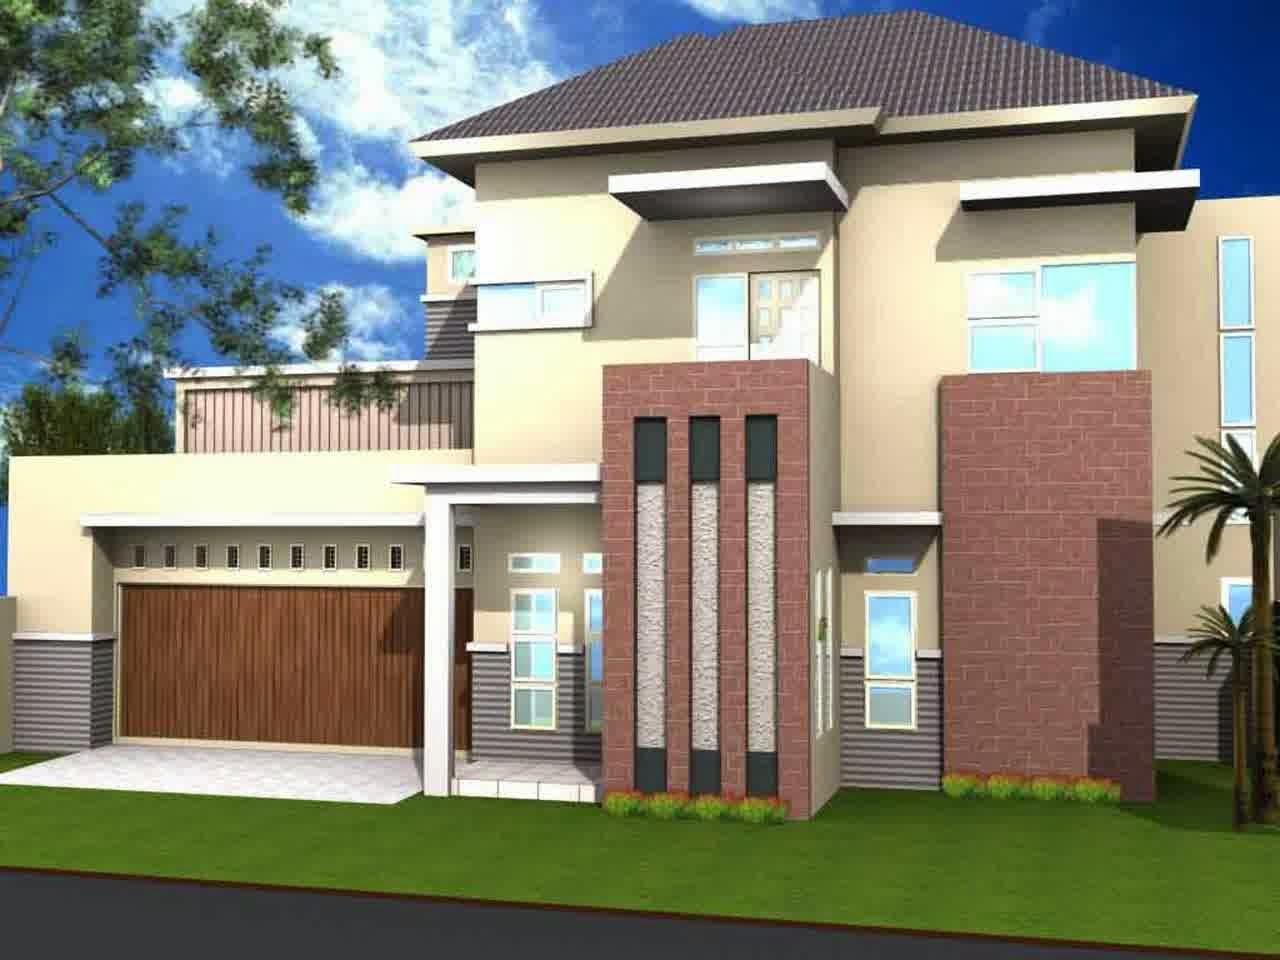 Contoh Gambar Desain Rumah Modern Minimalis